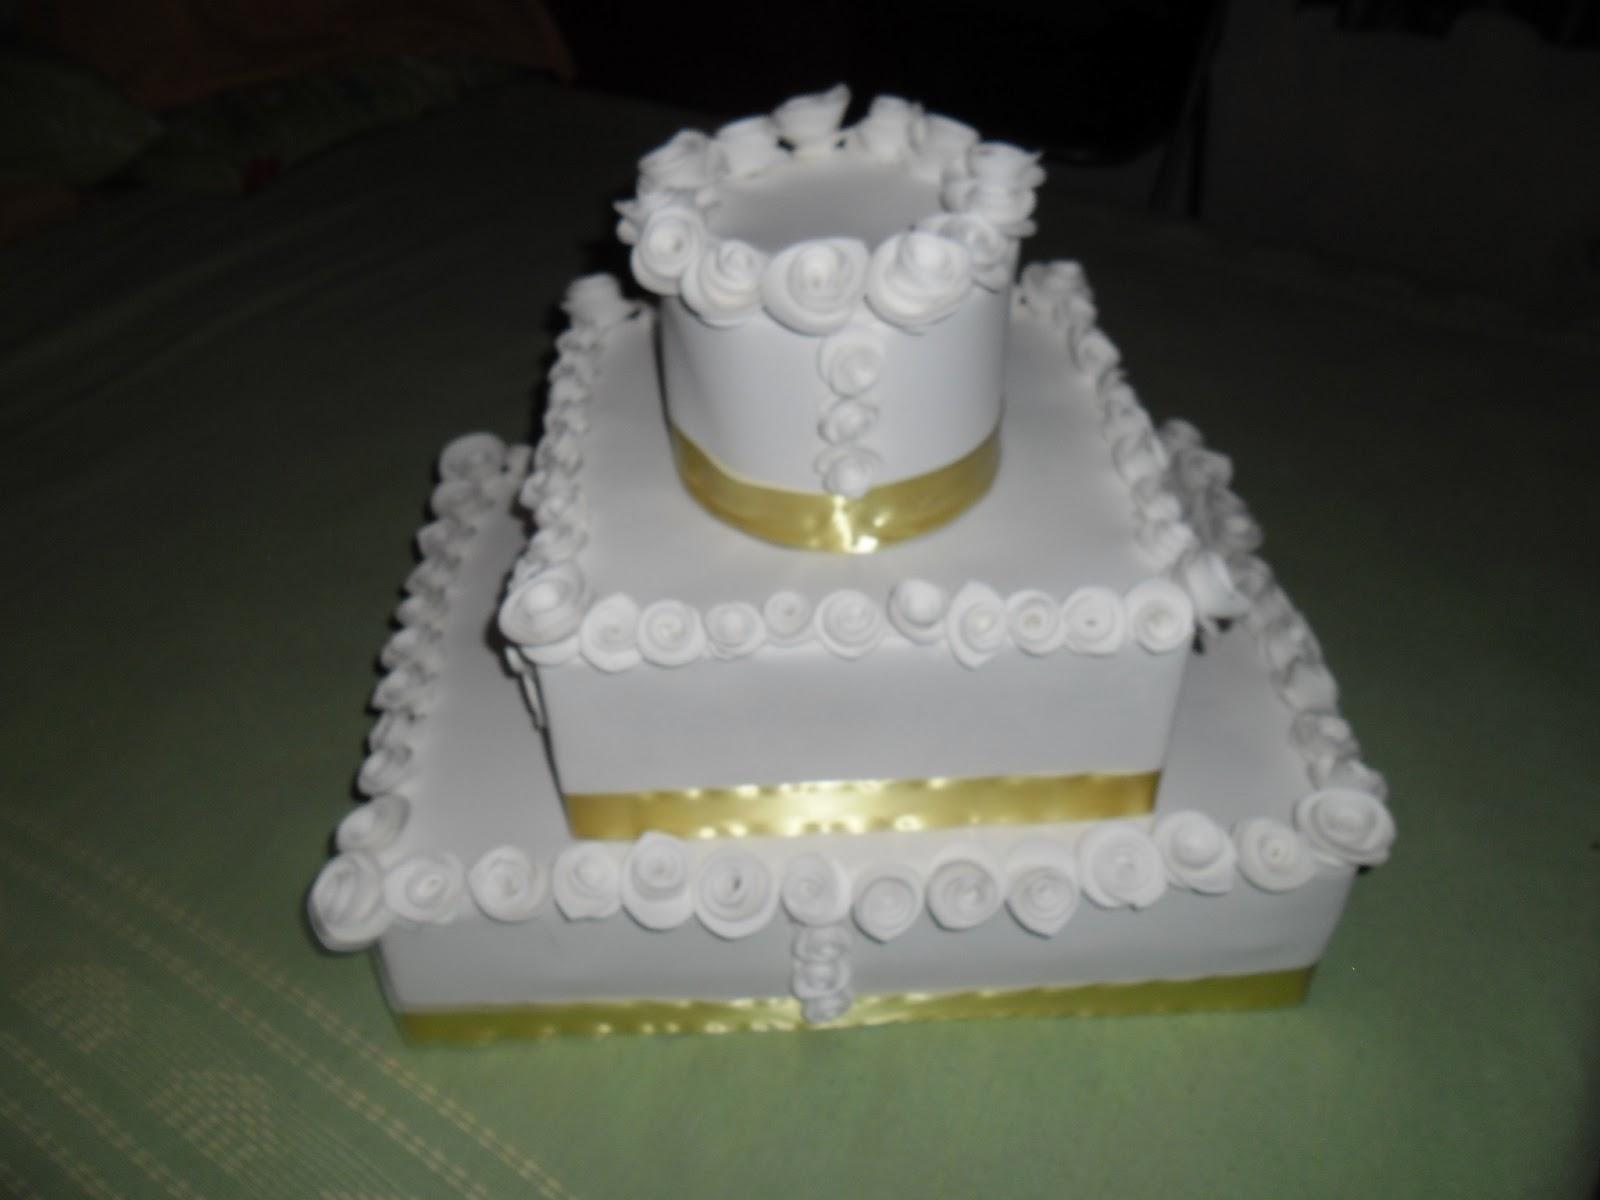 decoracao de casamento que eu posso fazer:Oi amigas hoje eu vou postar umas fotos dos bolo fake que eu fiz para